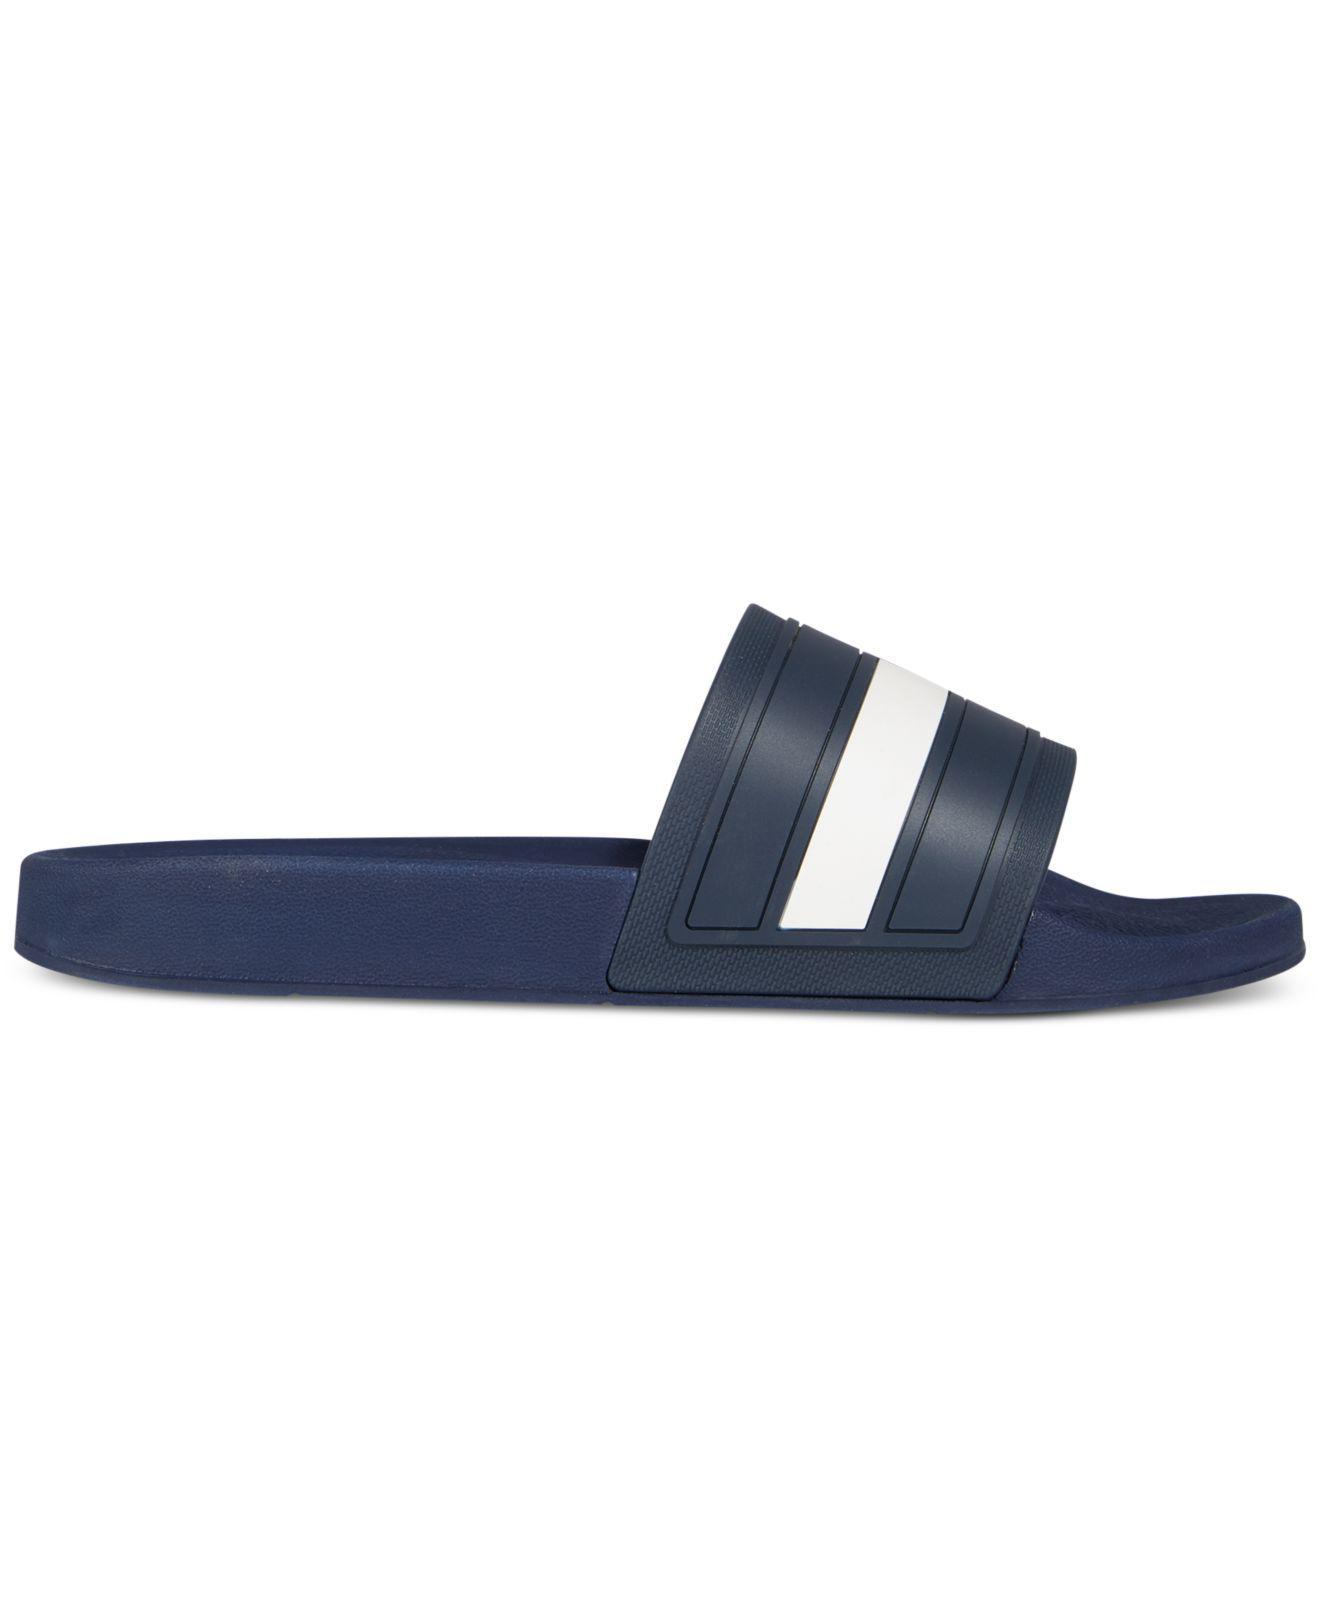 f462152a3 Lyst - Tommy Hilfiger Men s Elwood Slide Sandals in Blue for Men